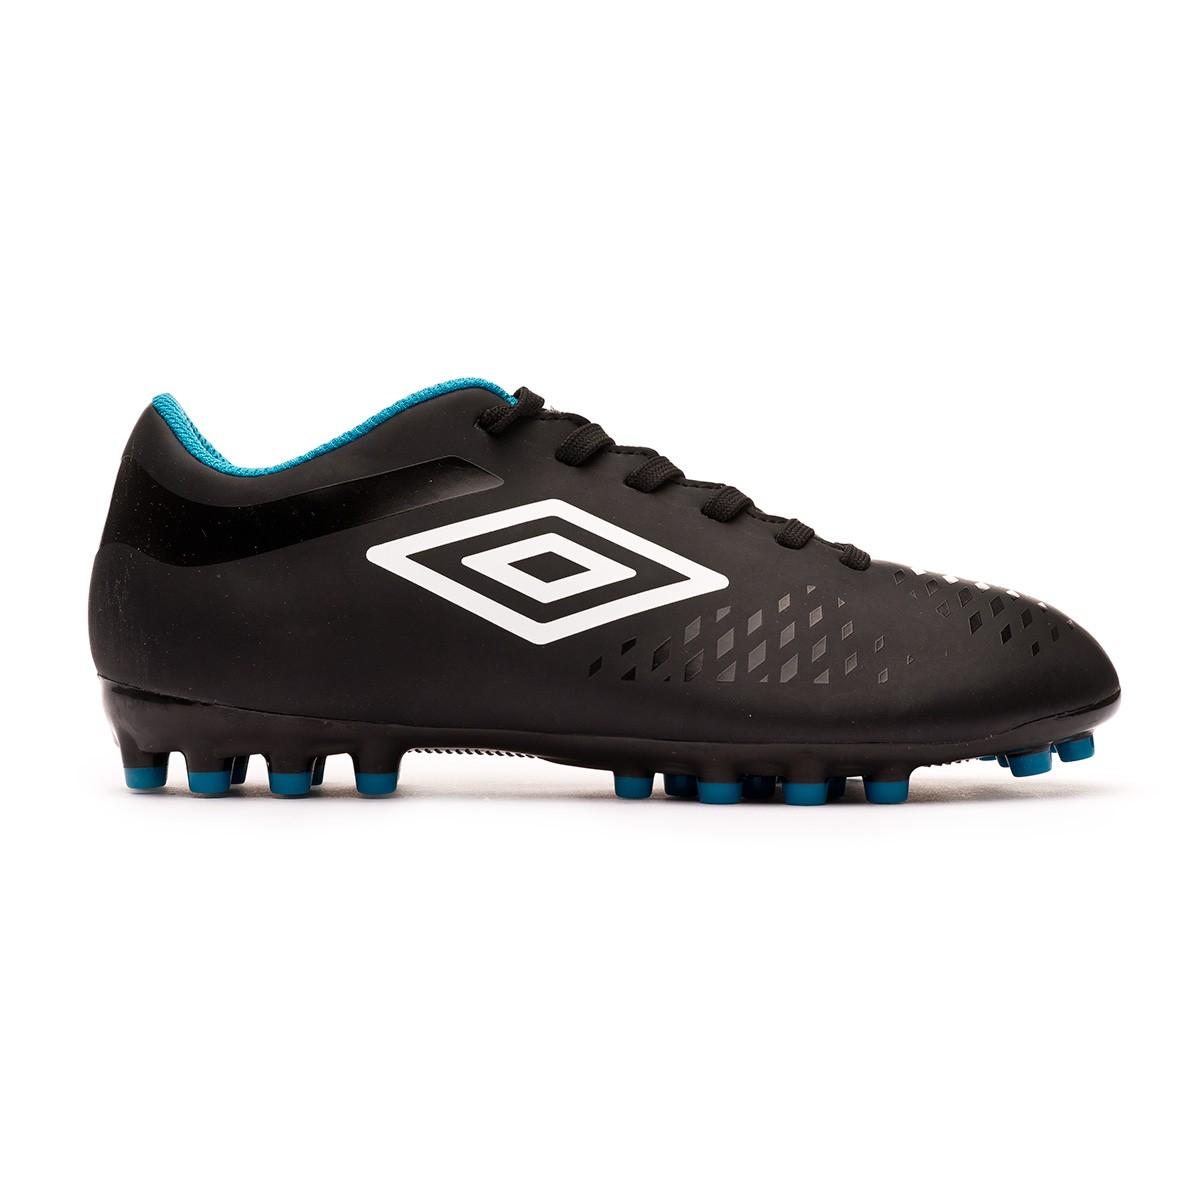 zapatillas salomon precio peru futbol